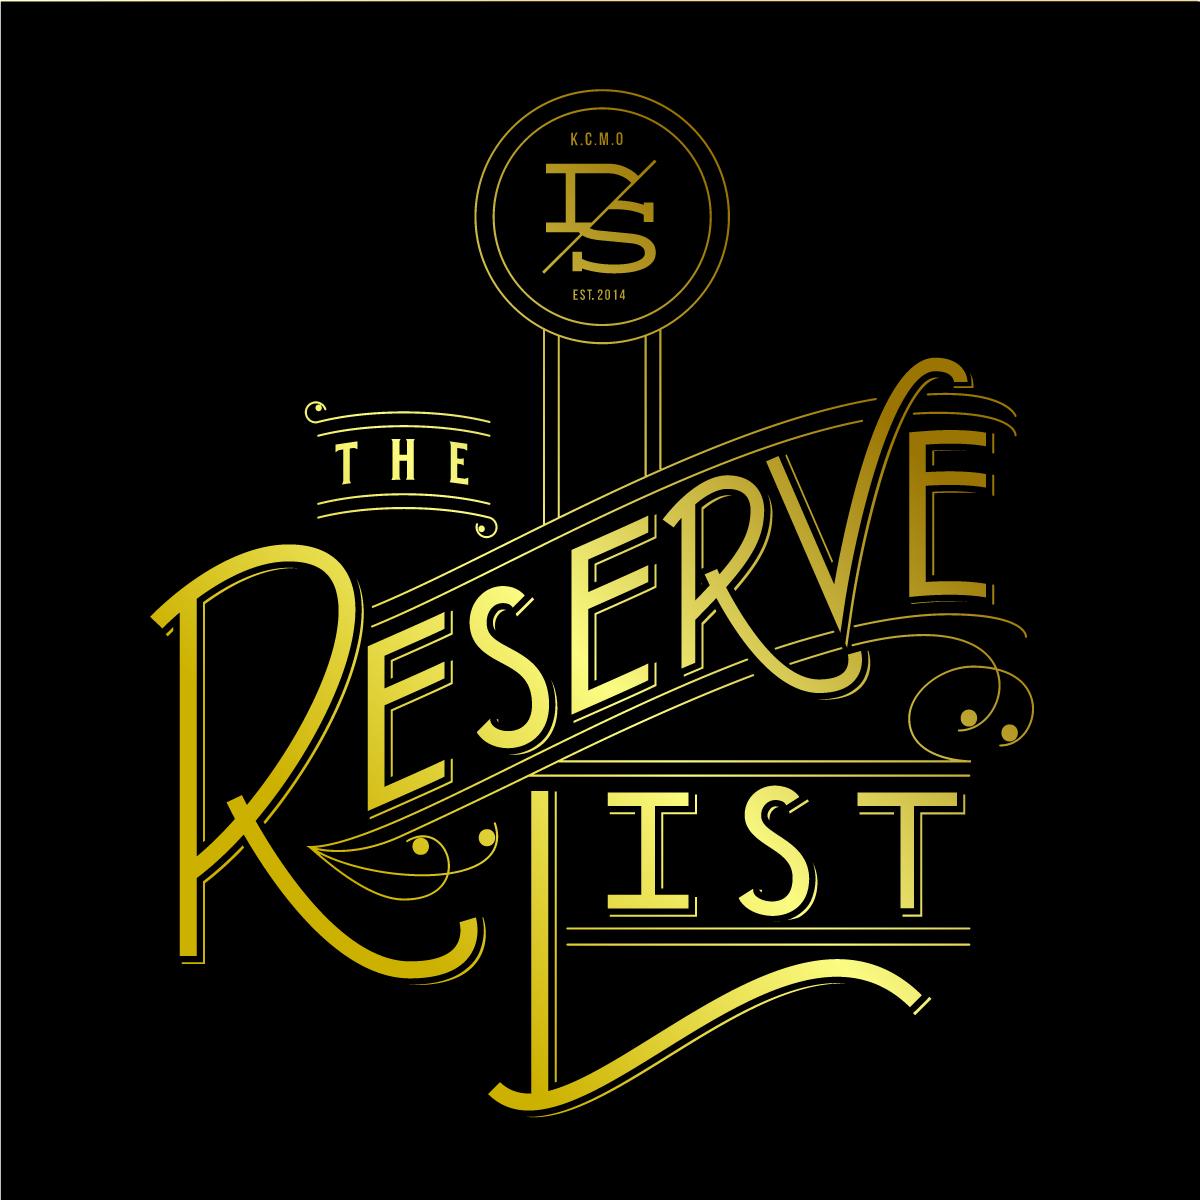 ReserveListFnl.jpg